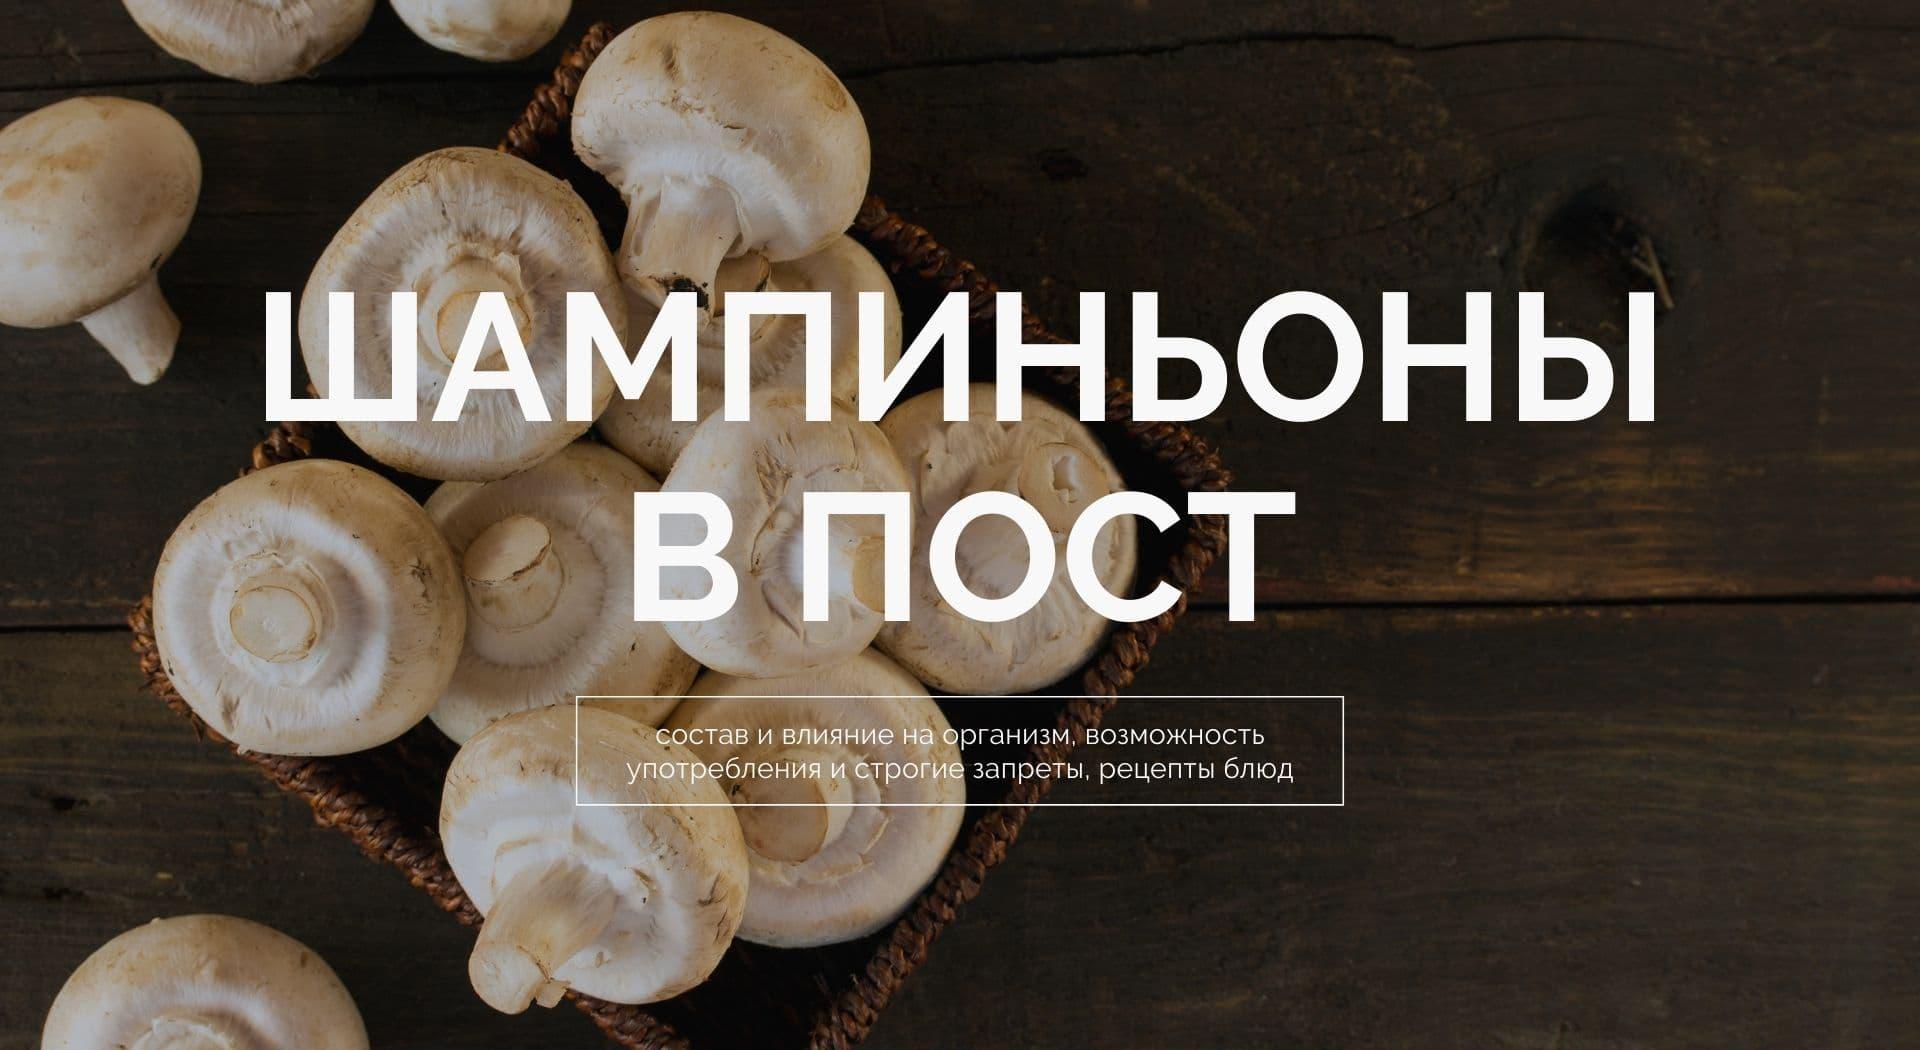 Шампиньоны в Пост: состав и влияние на организм, возможность употребления и строгие запреты, рецепты блюд